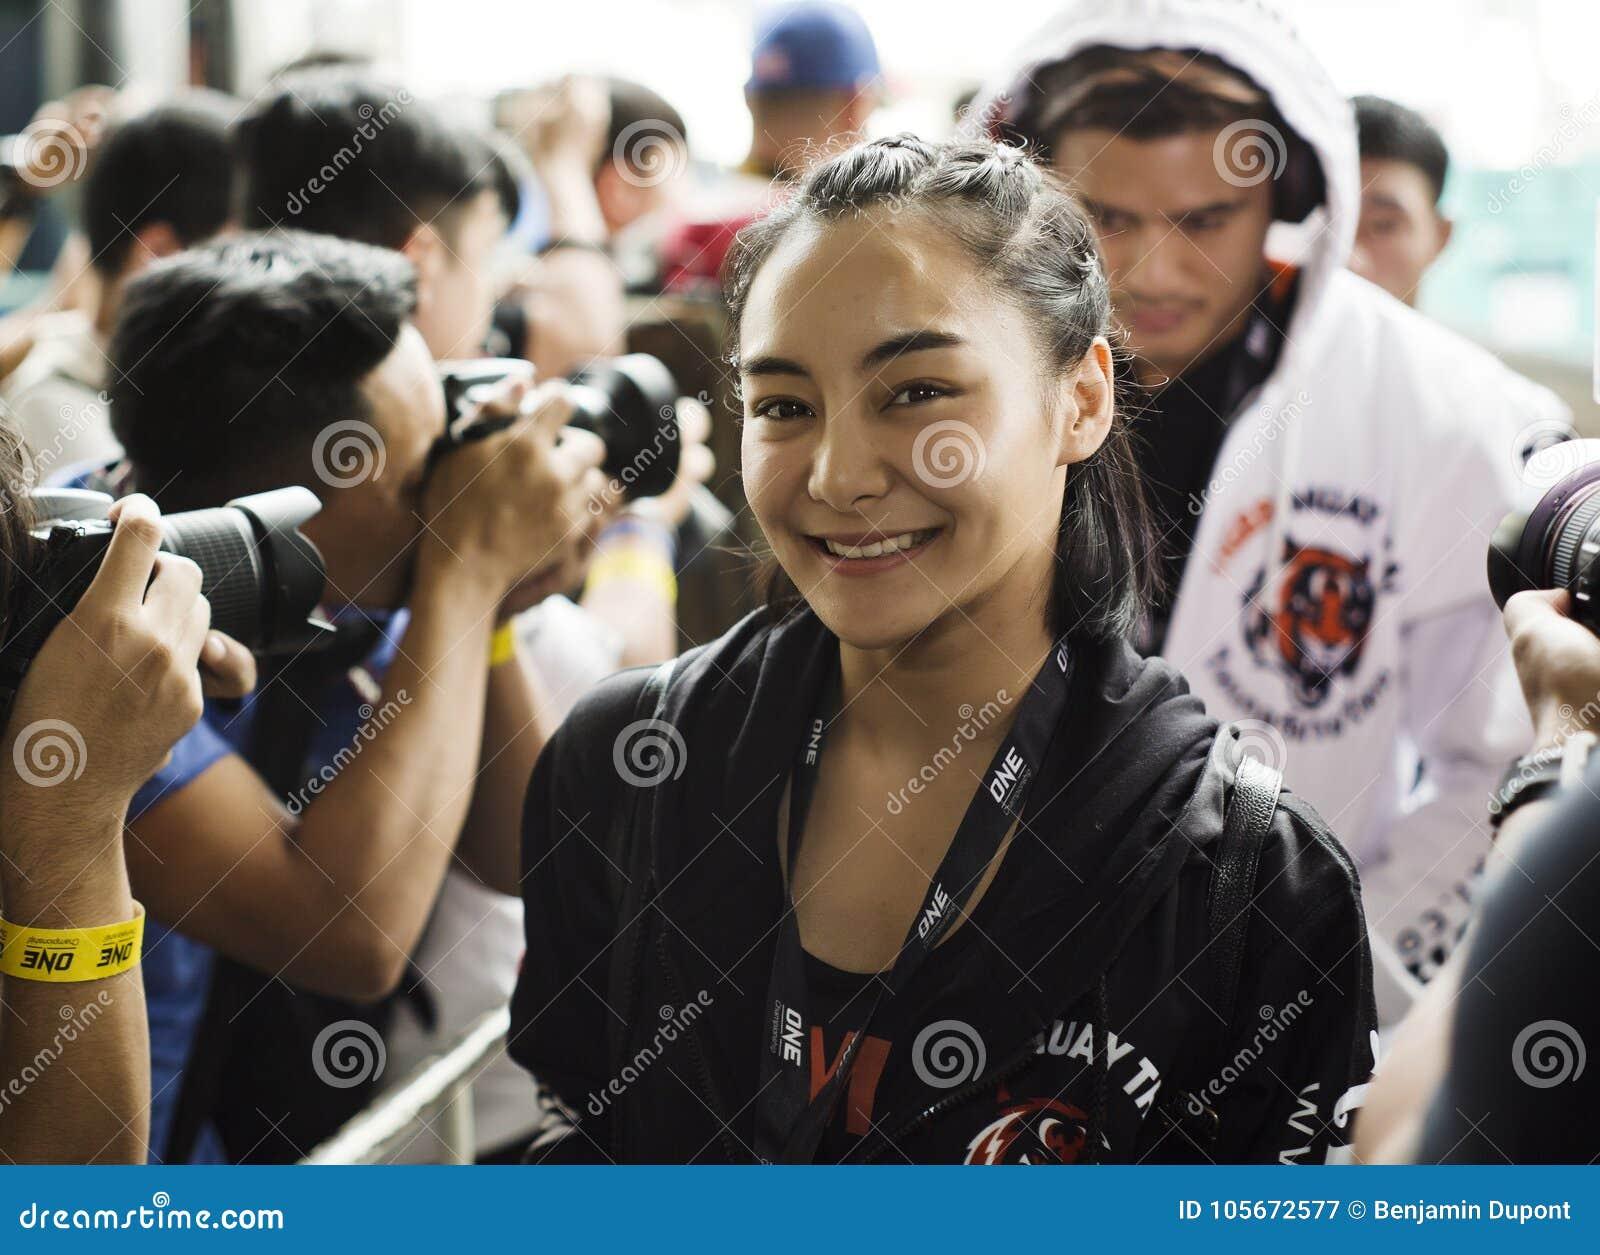 Combatiente del campeonato del atomweight uno de Rika Ishige